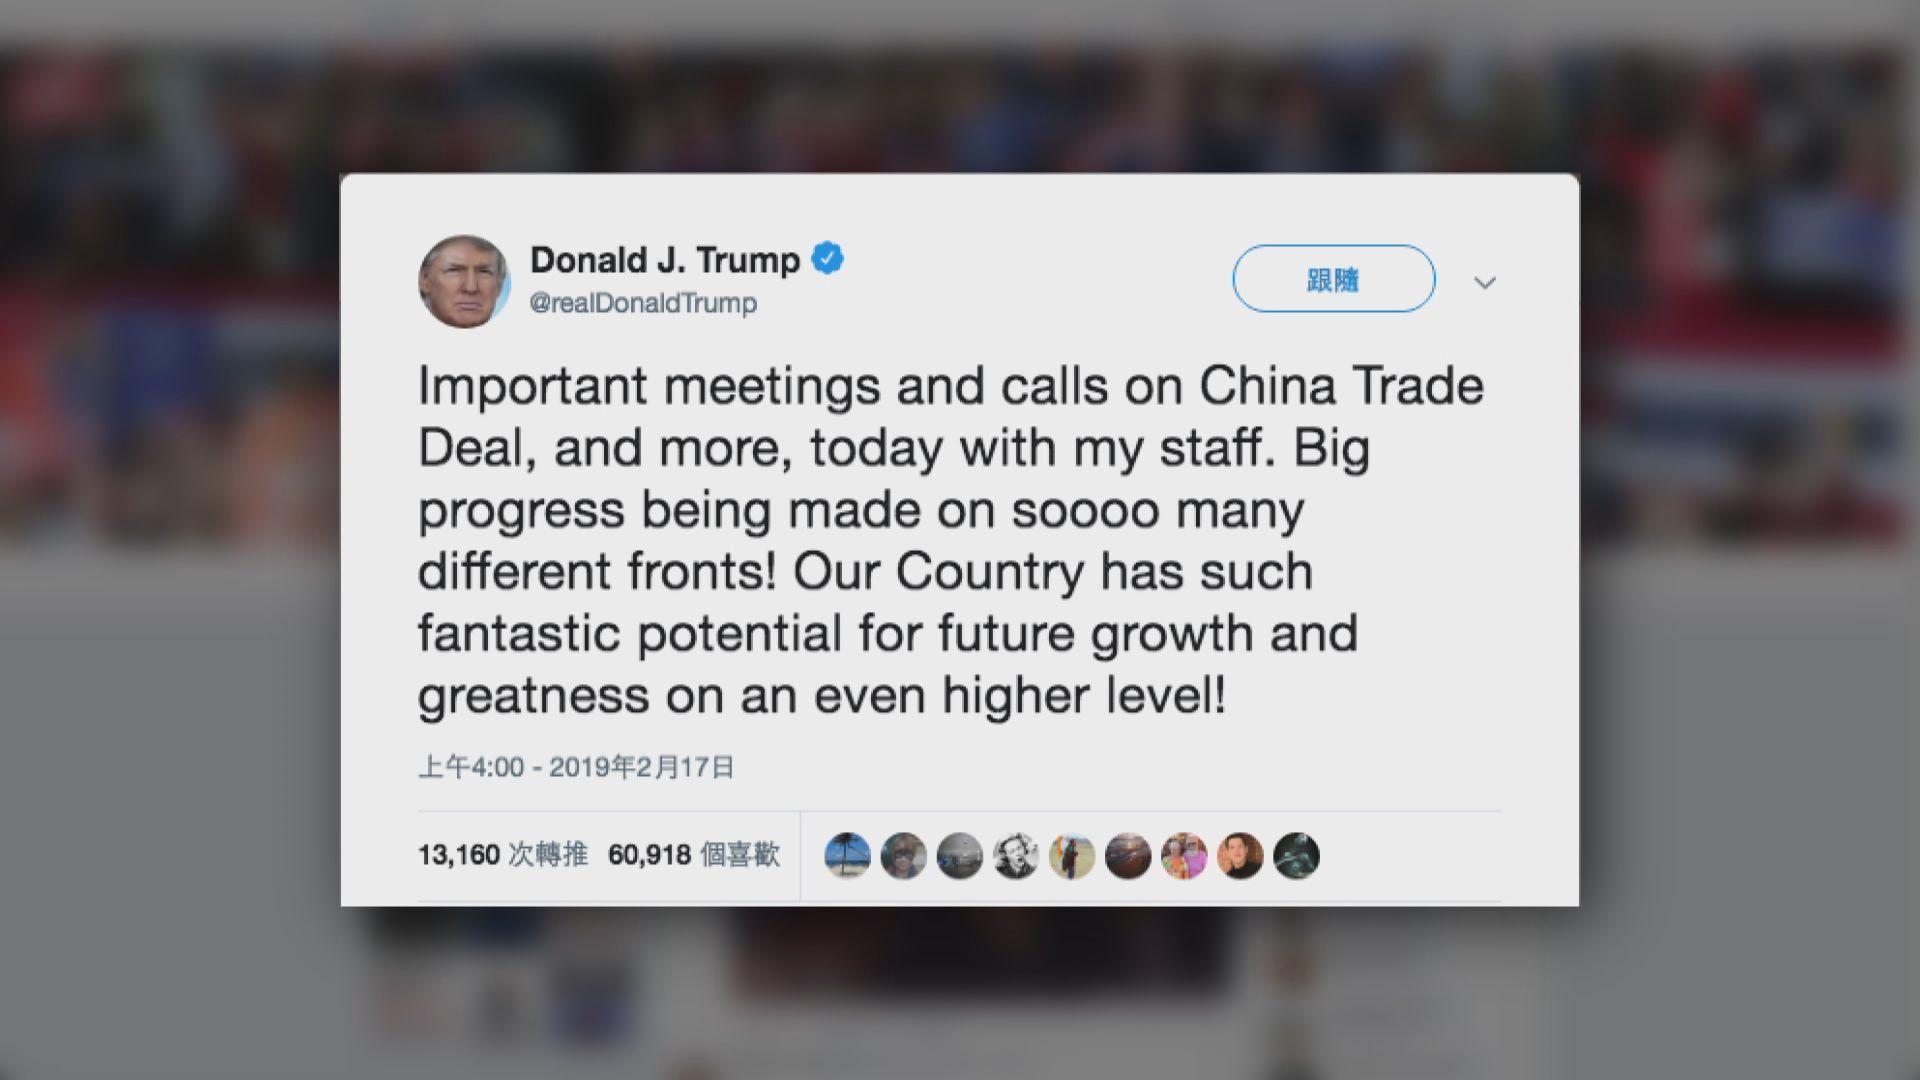 特朗普:中美貿談於不同領域取得重大進展